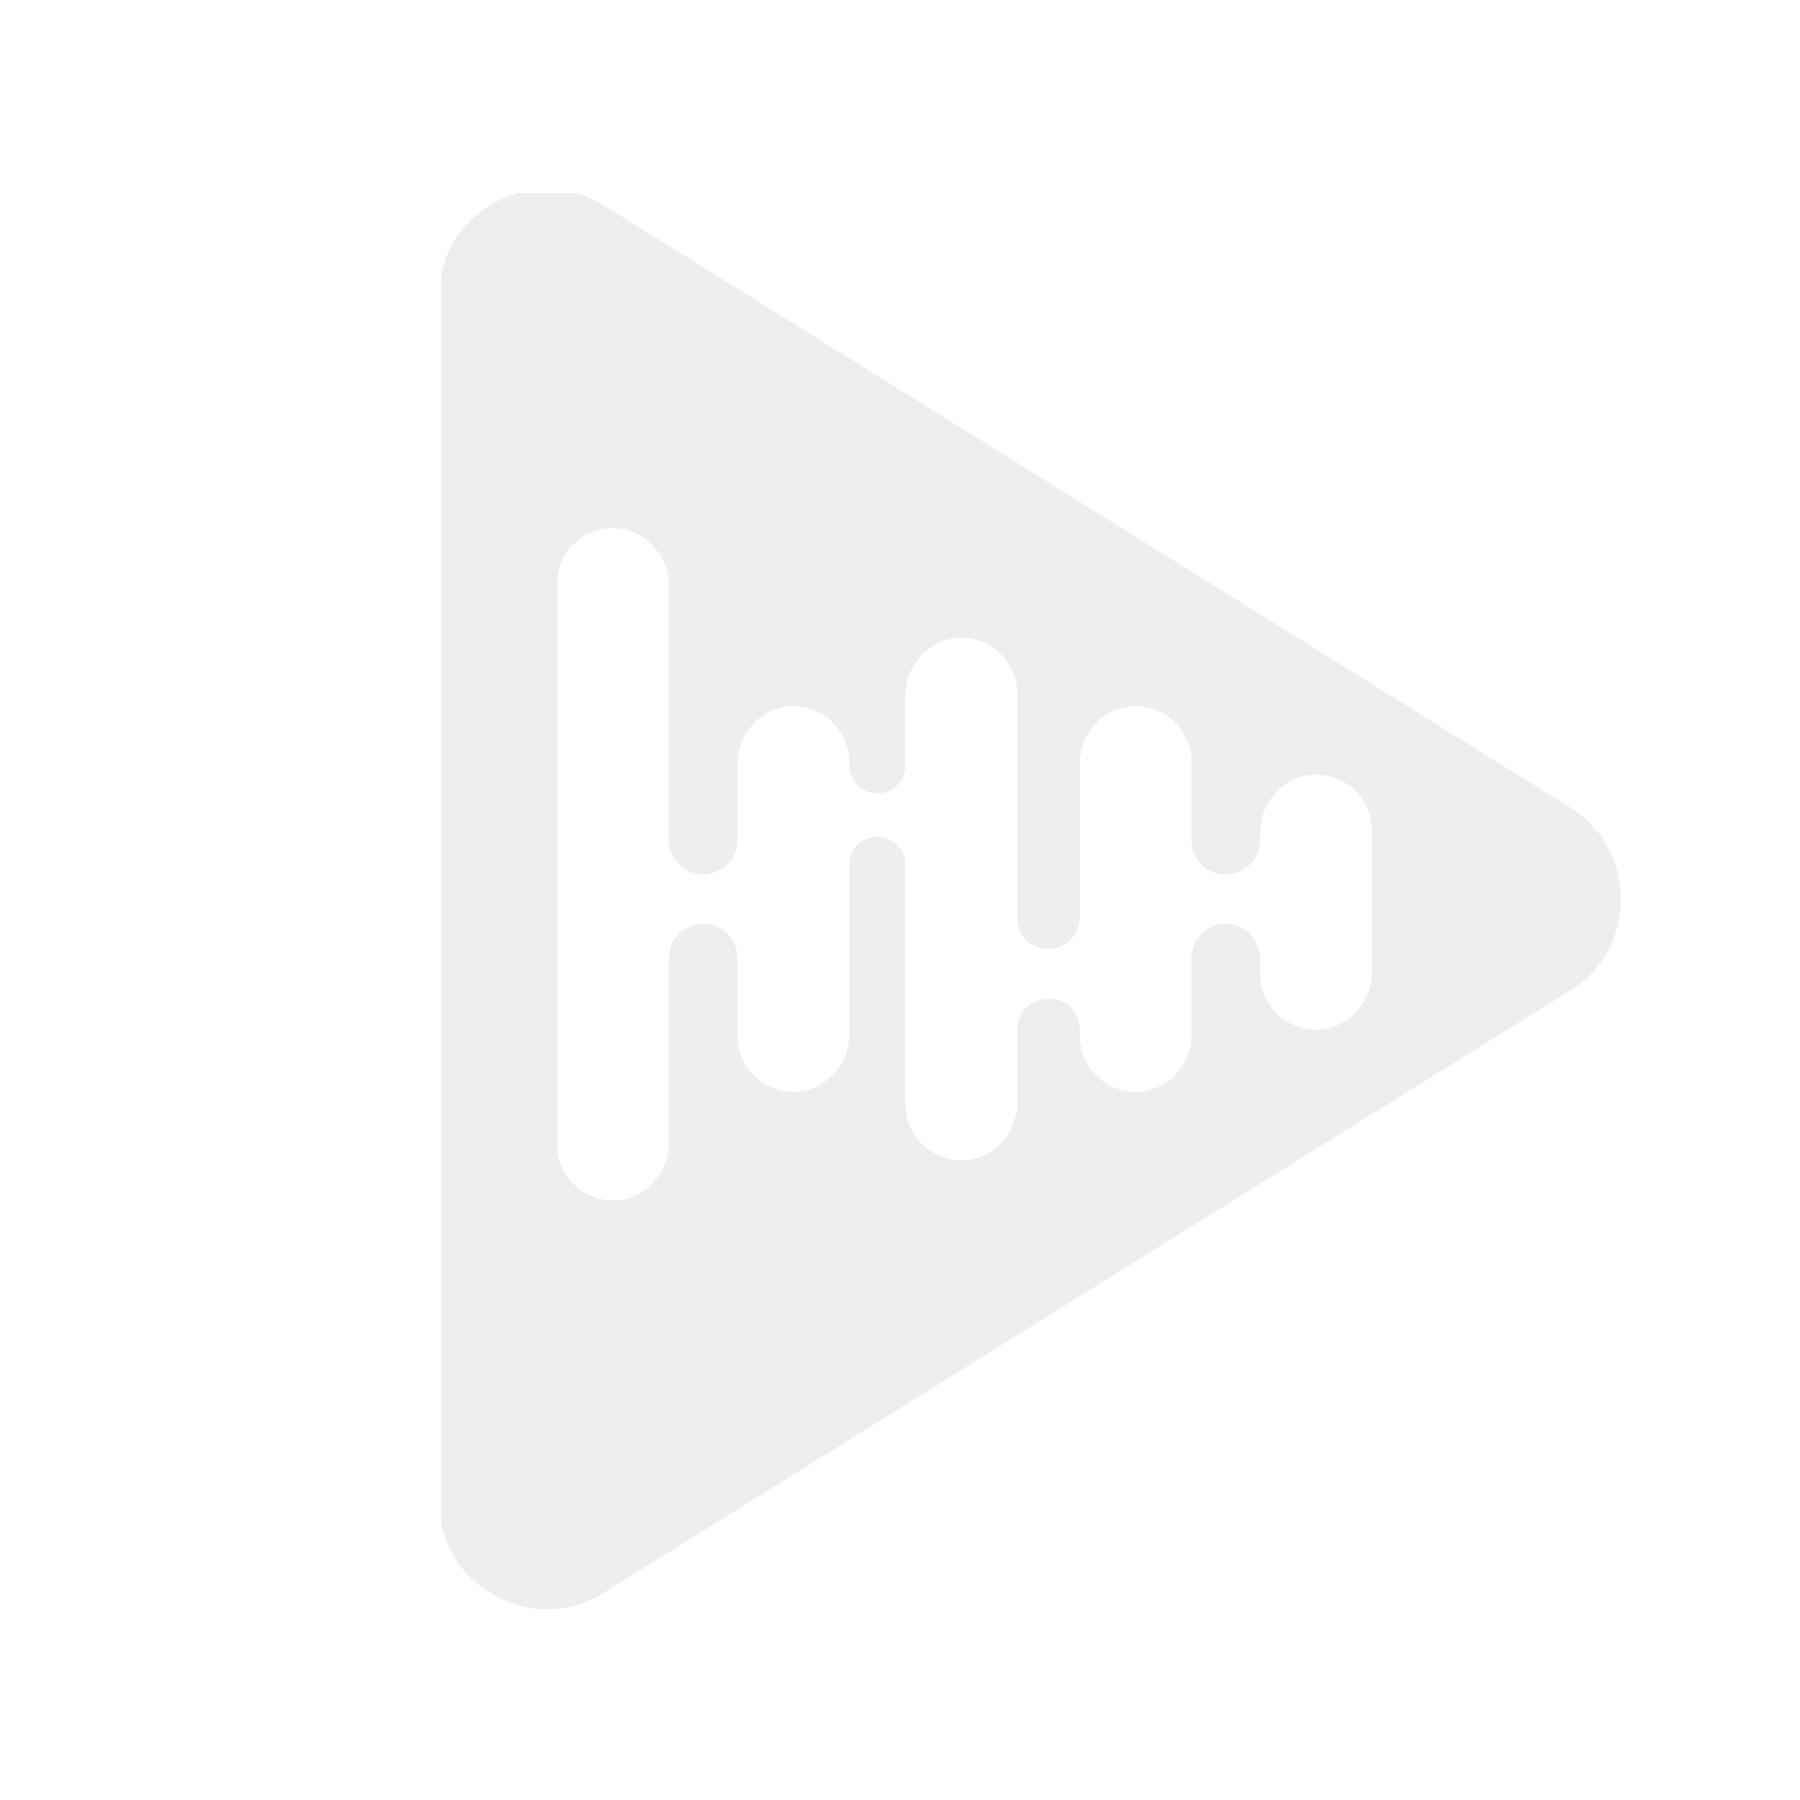 Incartec 29-615-ALP